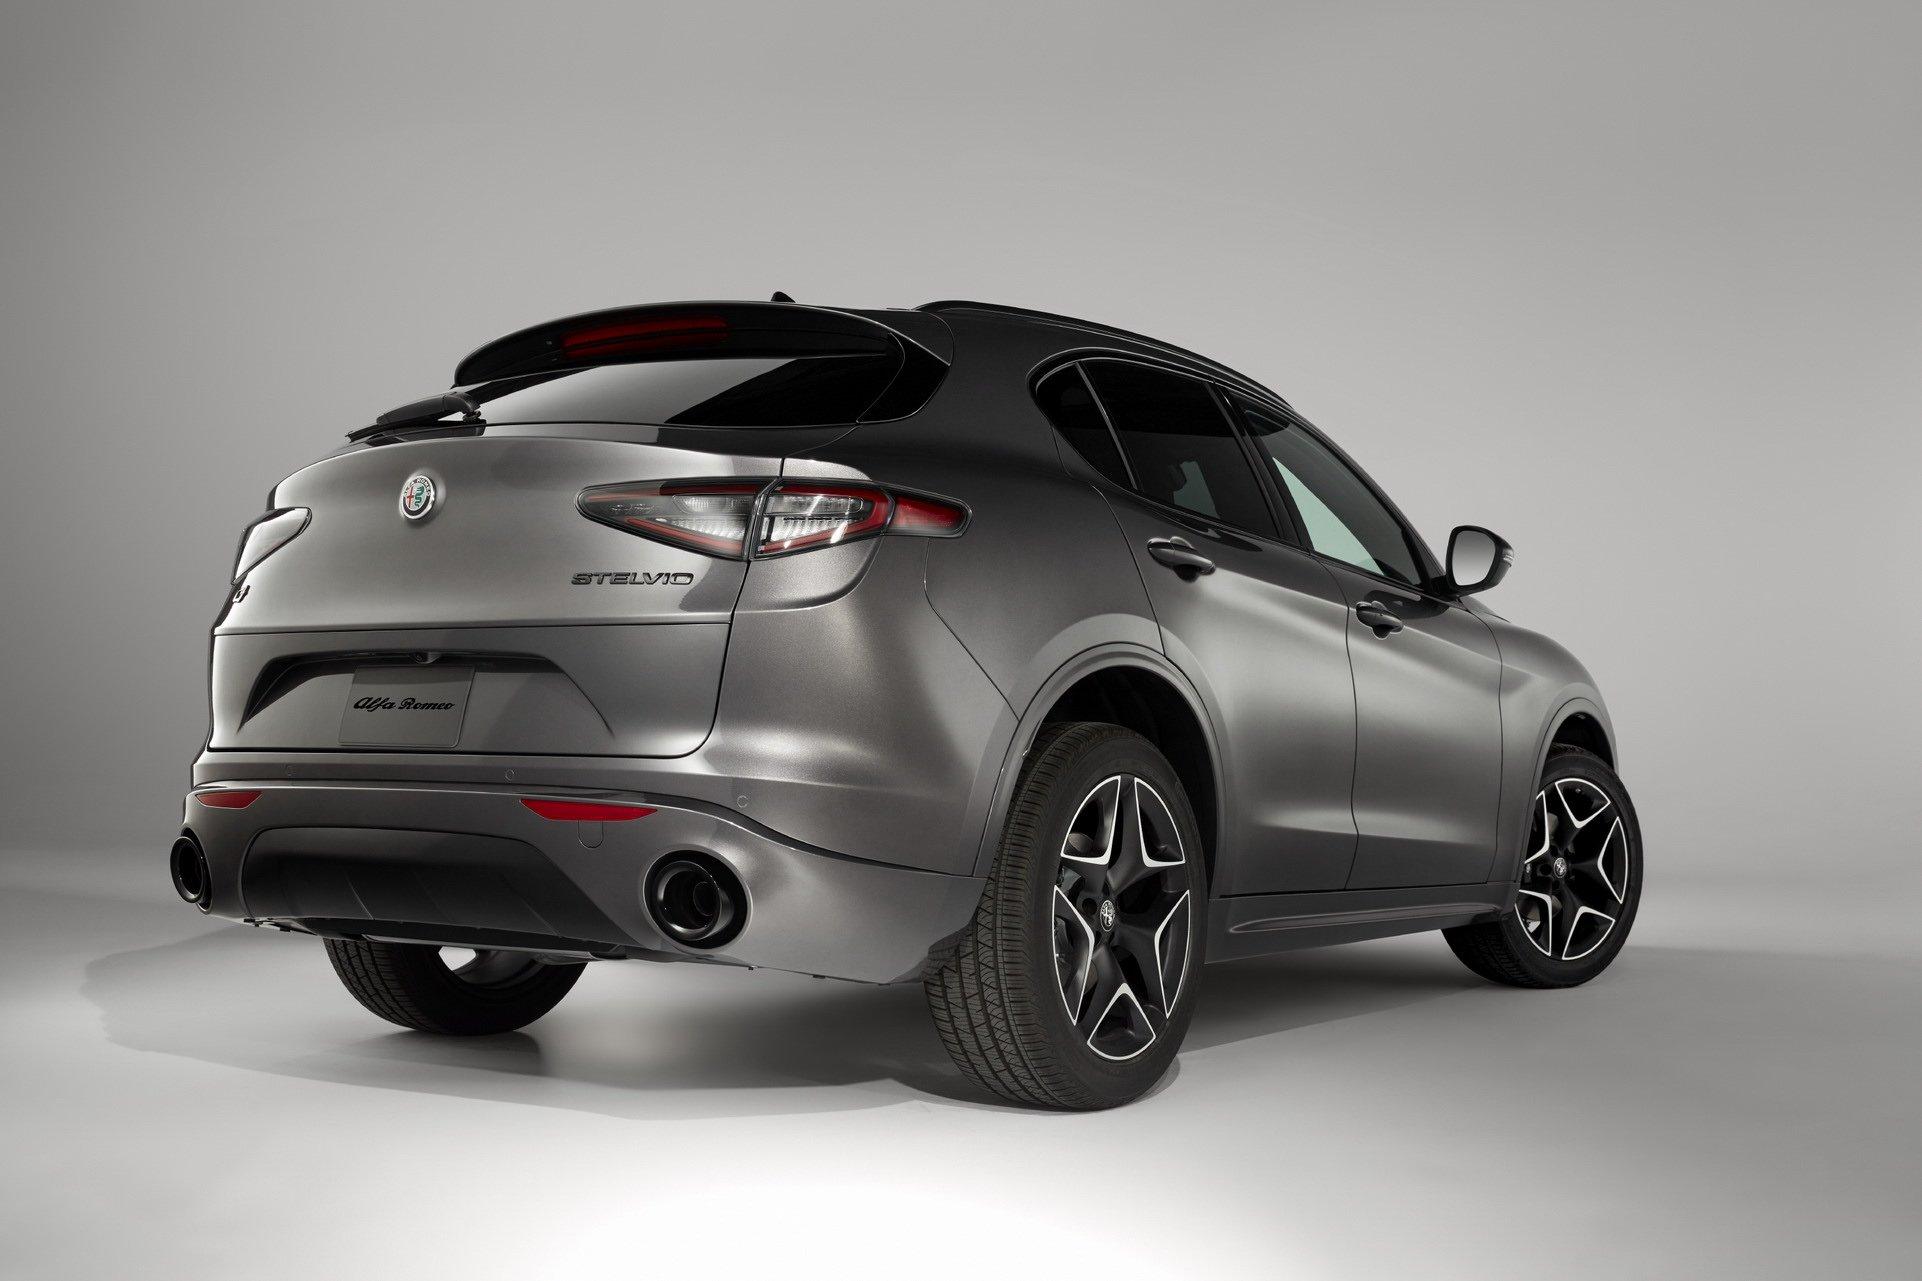 2020-Alfa-Romeo-STelvio-2